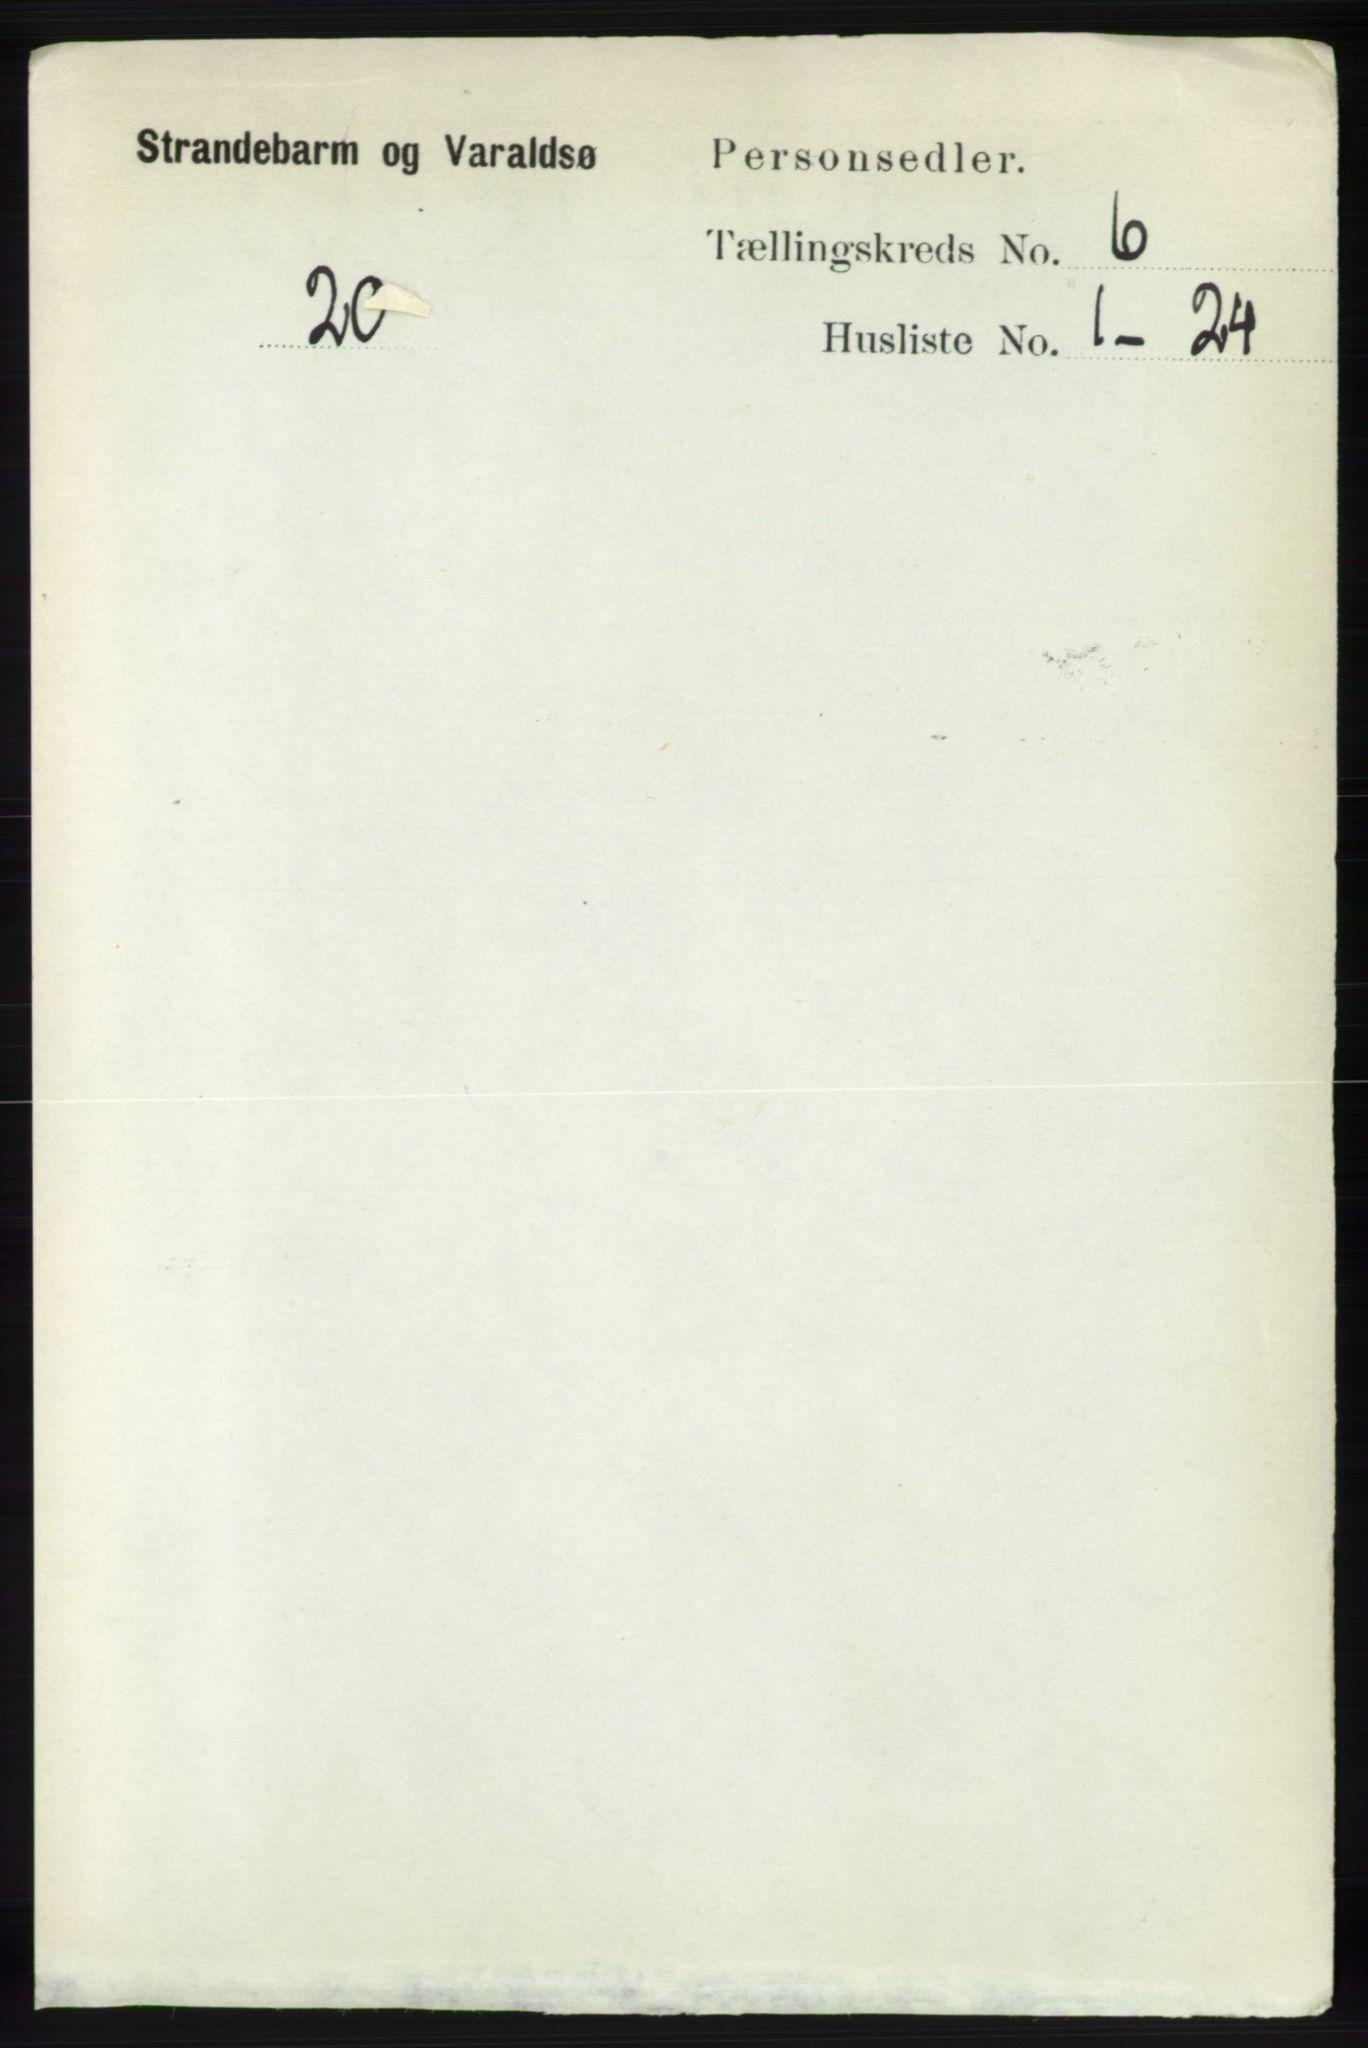 RA, Folketelling 1891 for 1226 Strandebarm og Varaldsøy herred, 1891, s. 2429